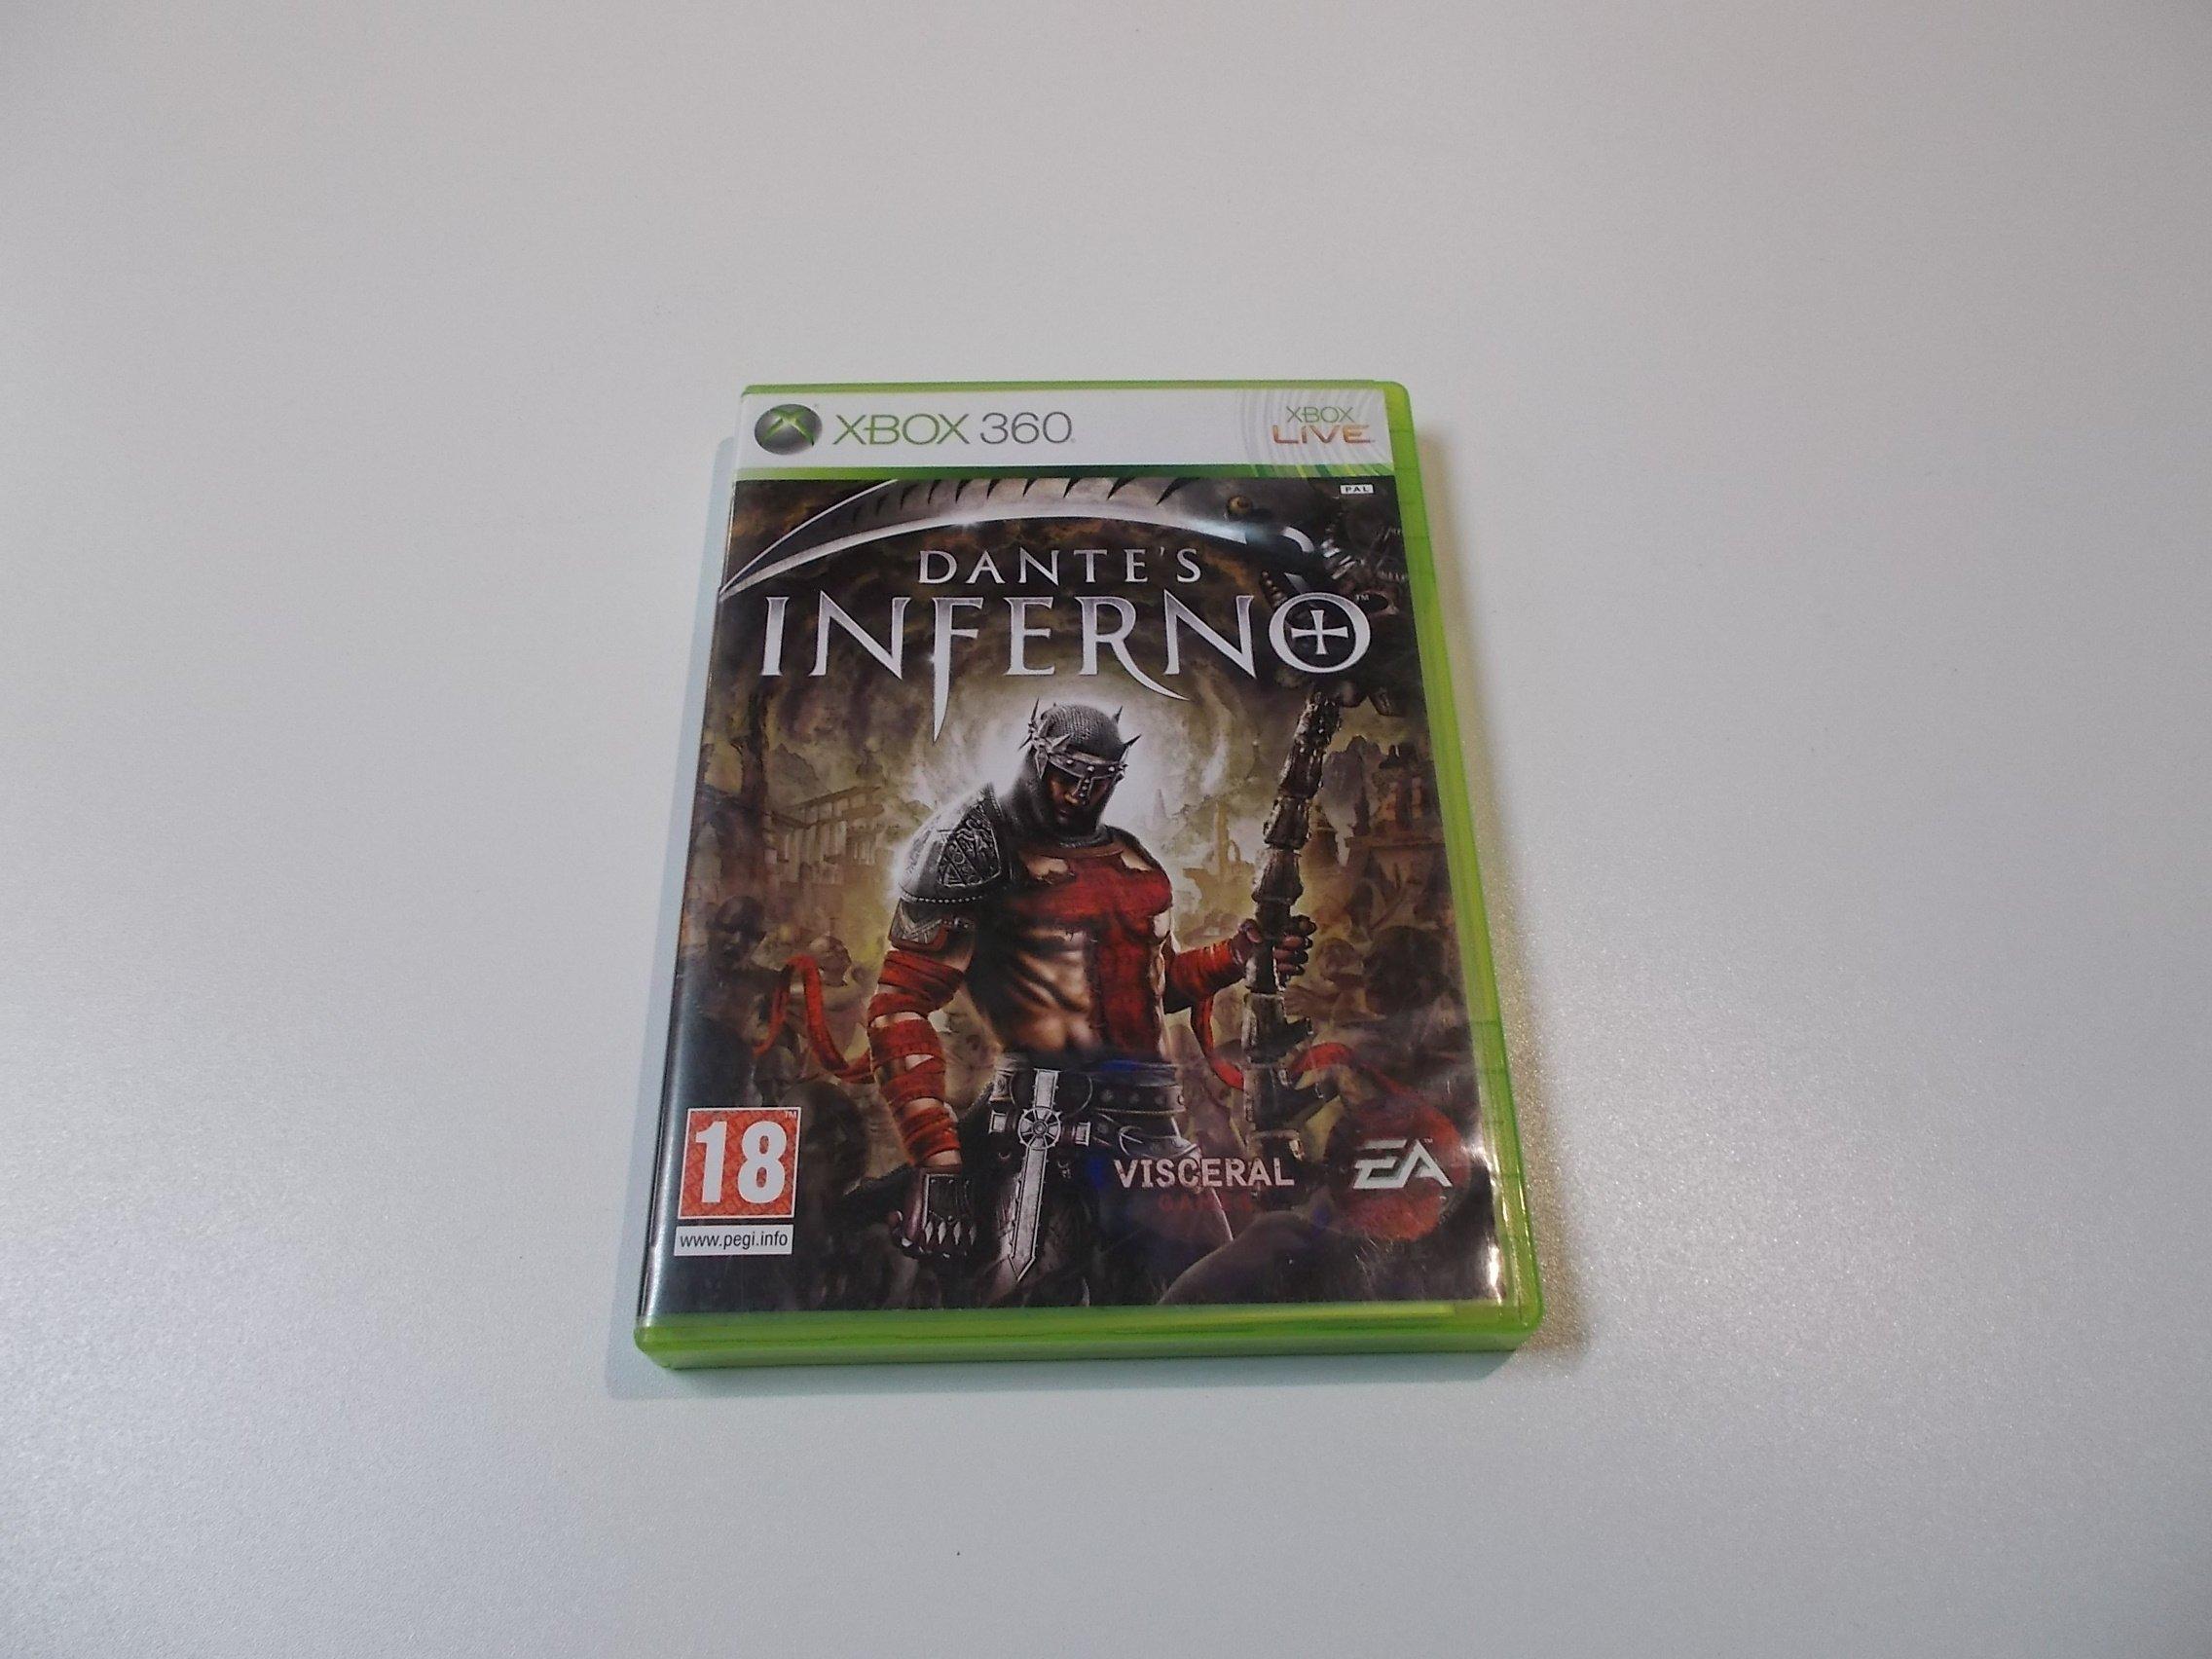 Dante's Inferno - GRA Xbox 360 - Sklep